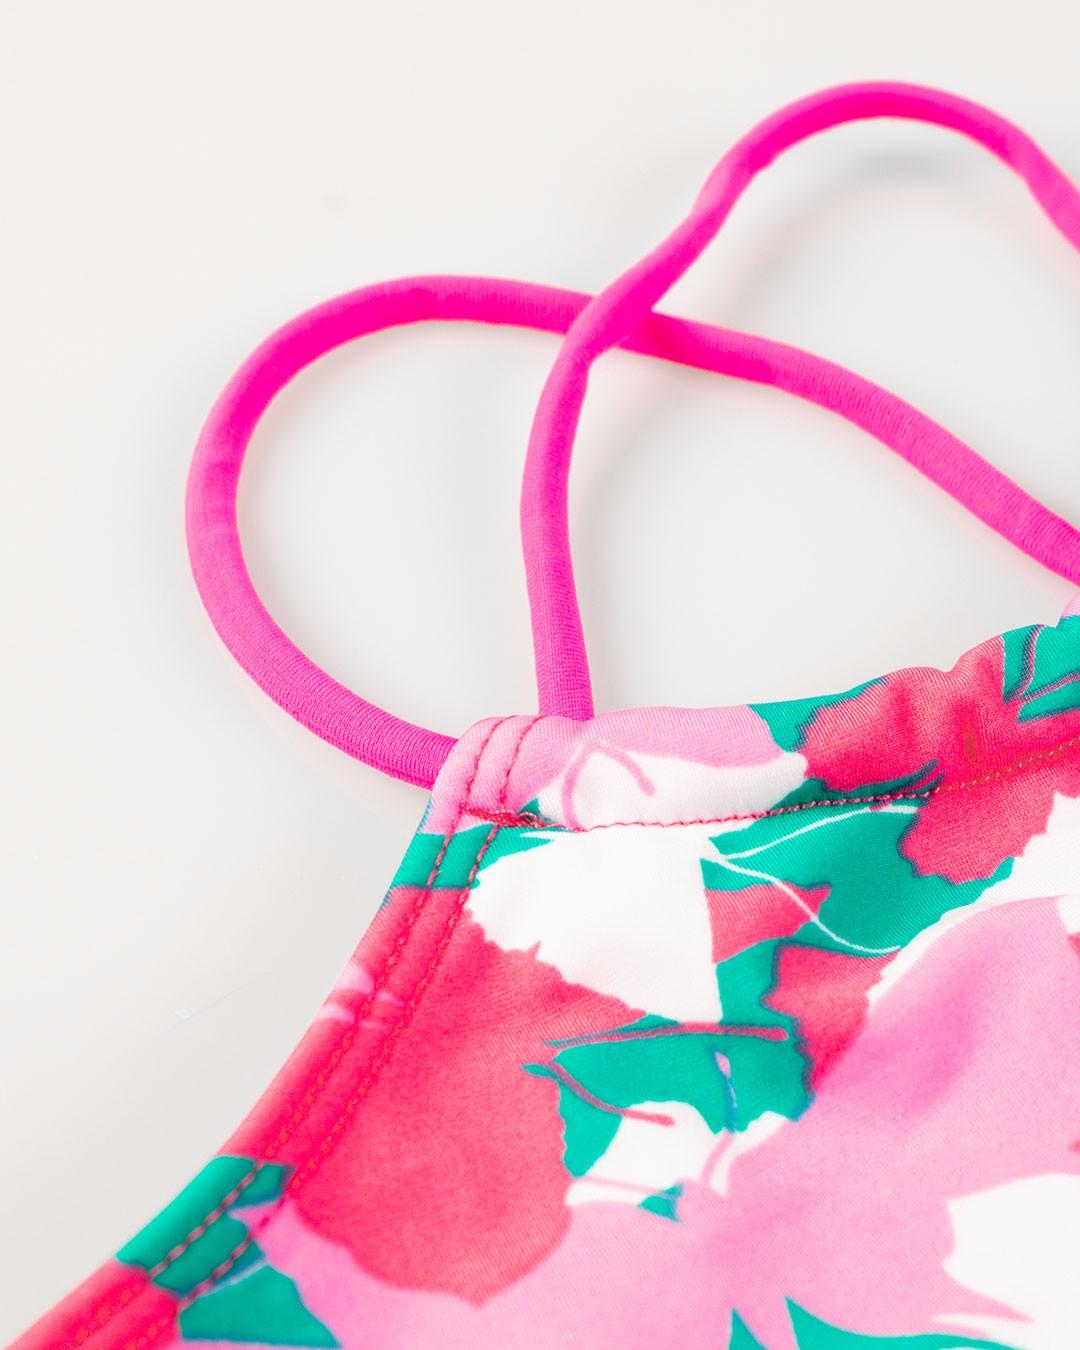 Biquini Infantil Estampado Rosa - VNT